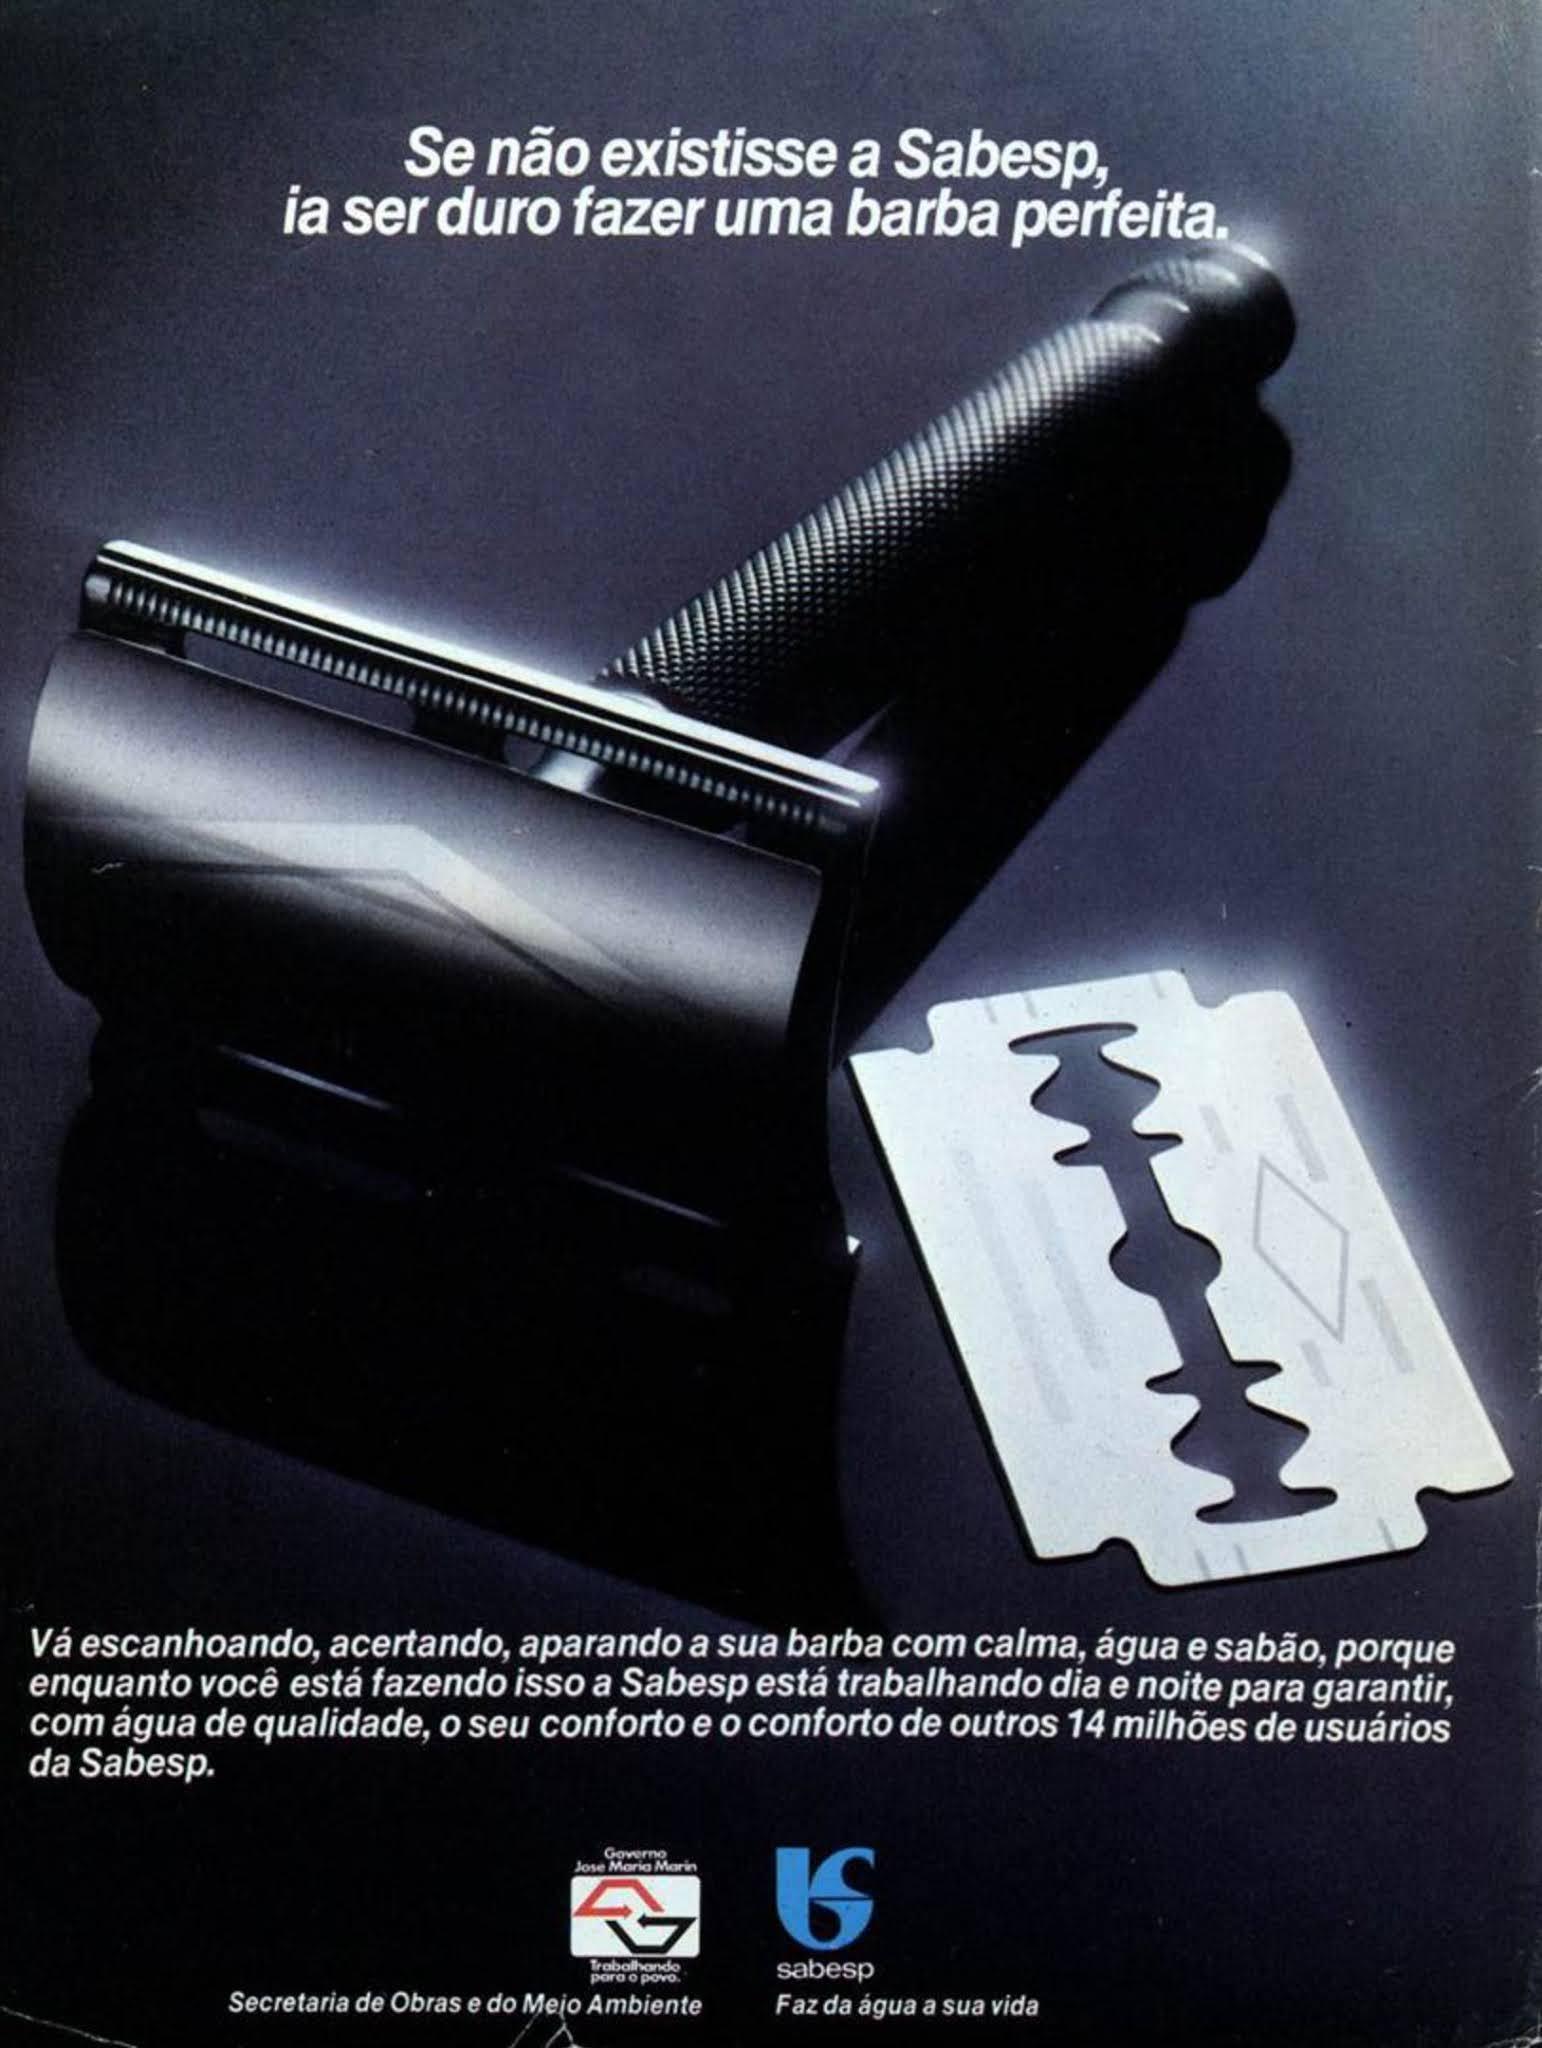 Anúncio institucional da Sabesp veiculado no ano de 1983